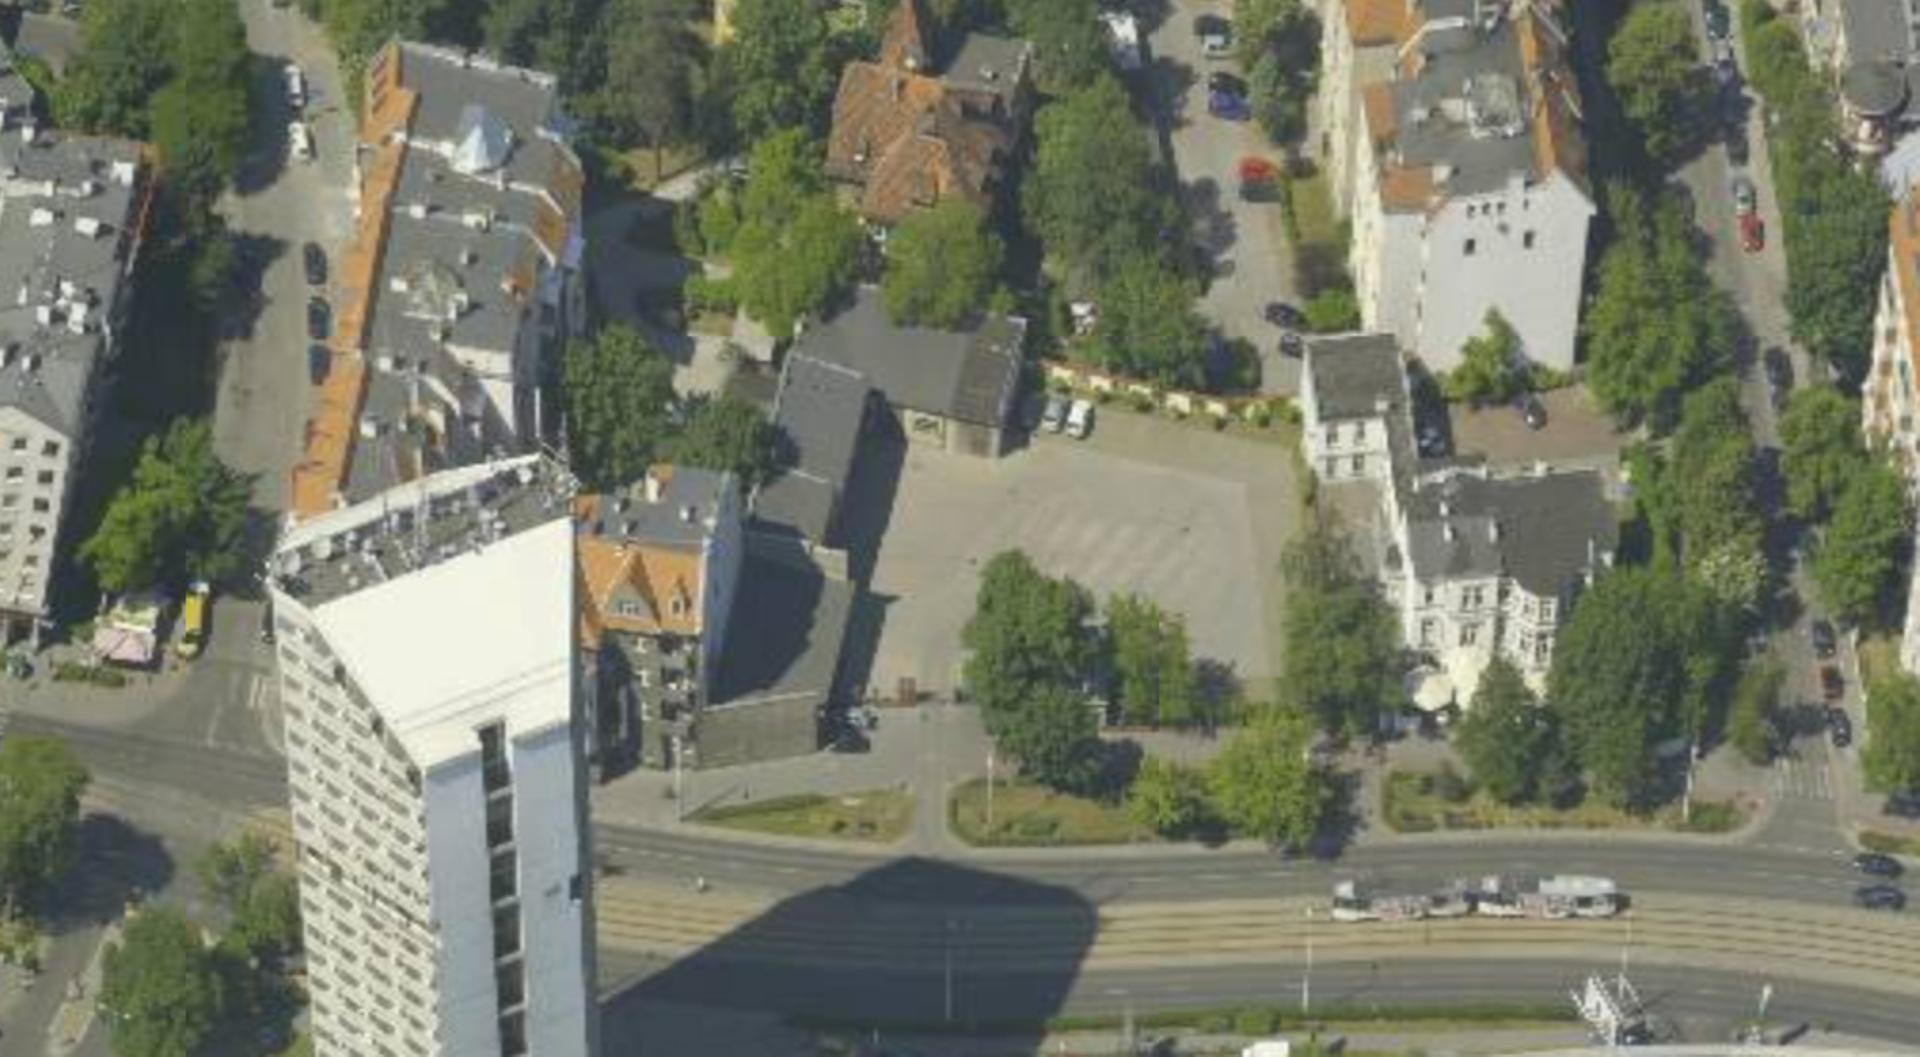 Wrocław: Lasy Państwowe chcą wybudować nową siedzibę w sąsiedztwie obecnej